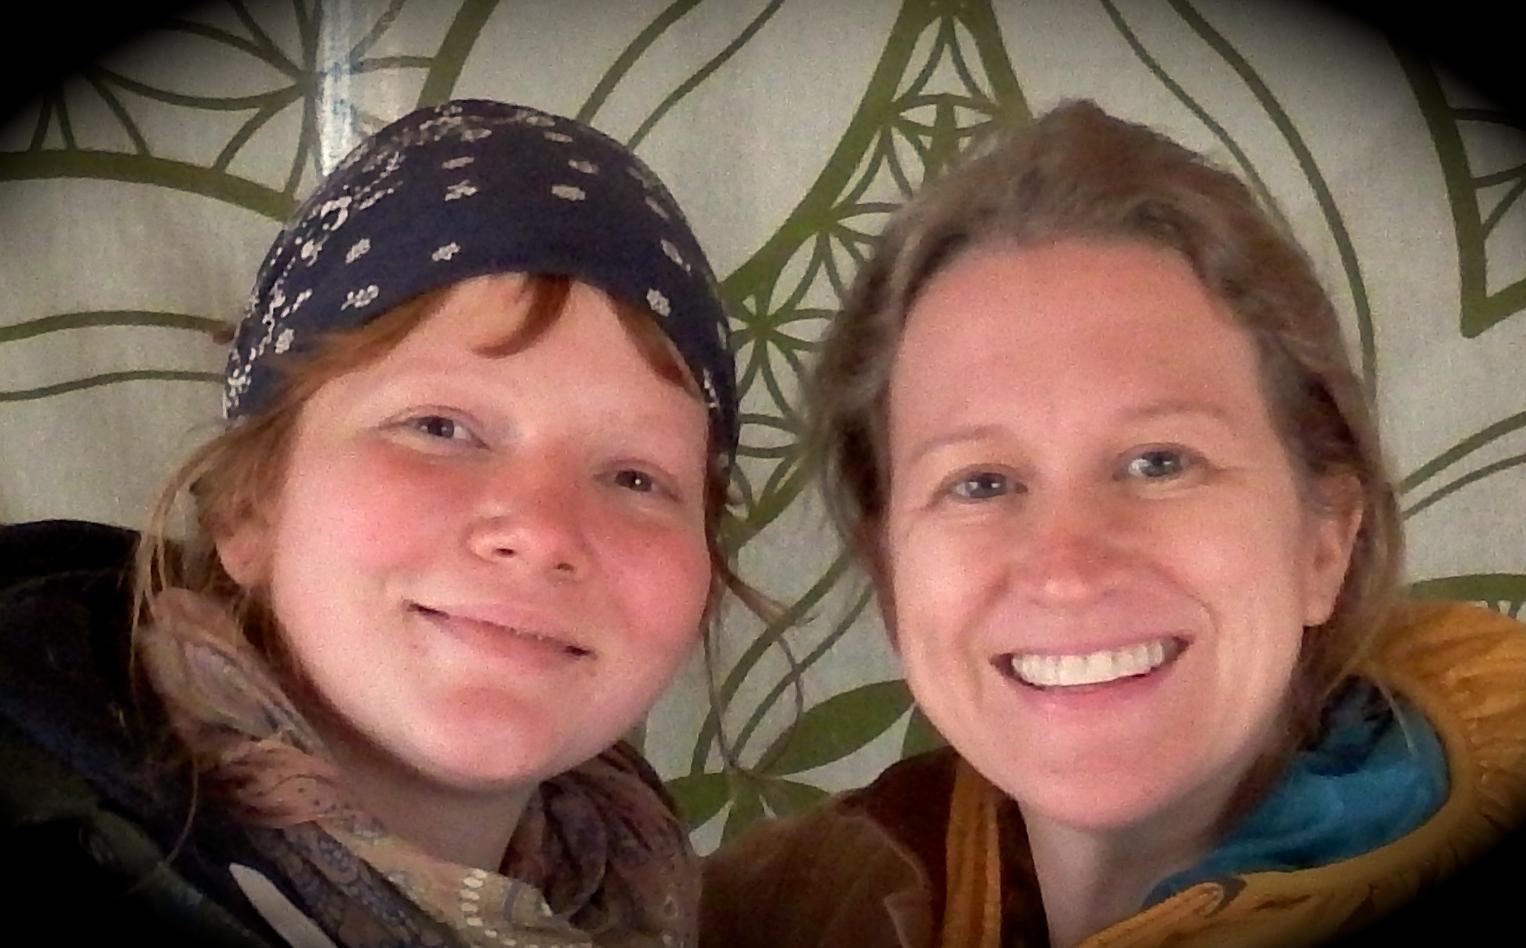 Zoe York and Hayley Joyell SMith